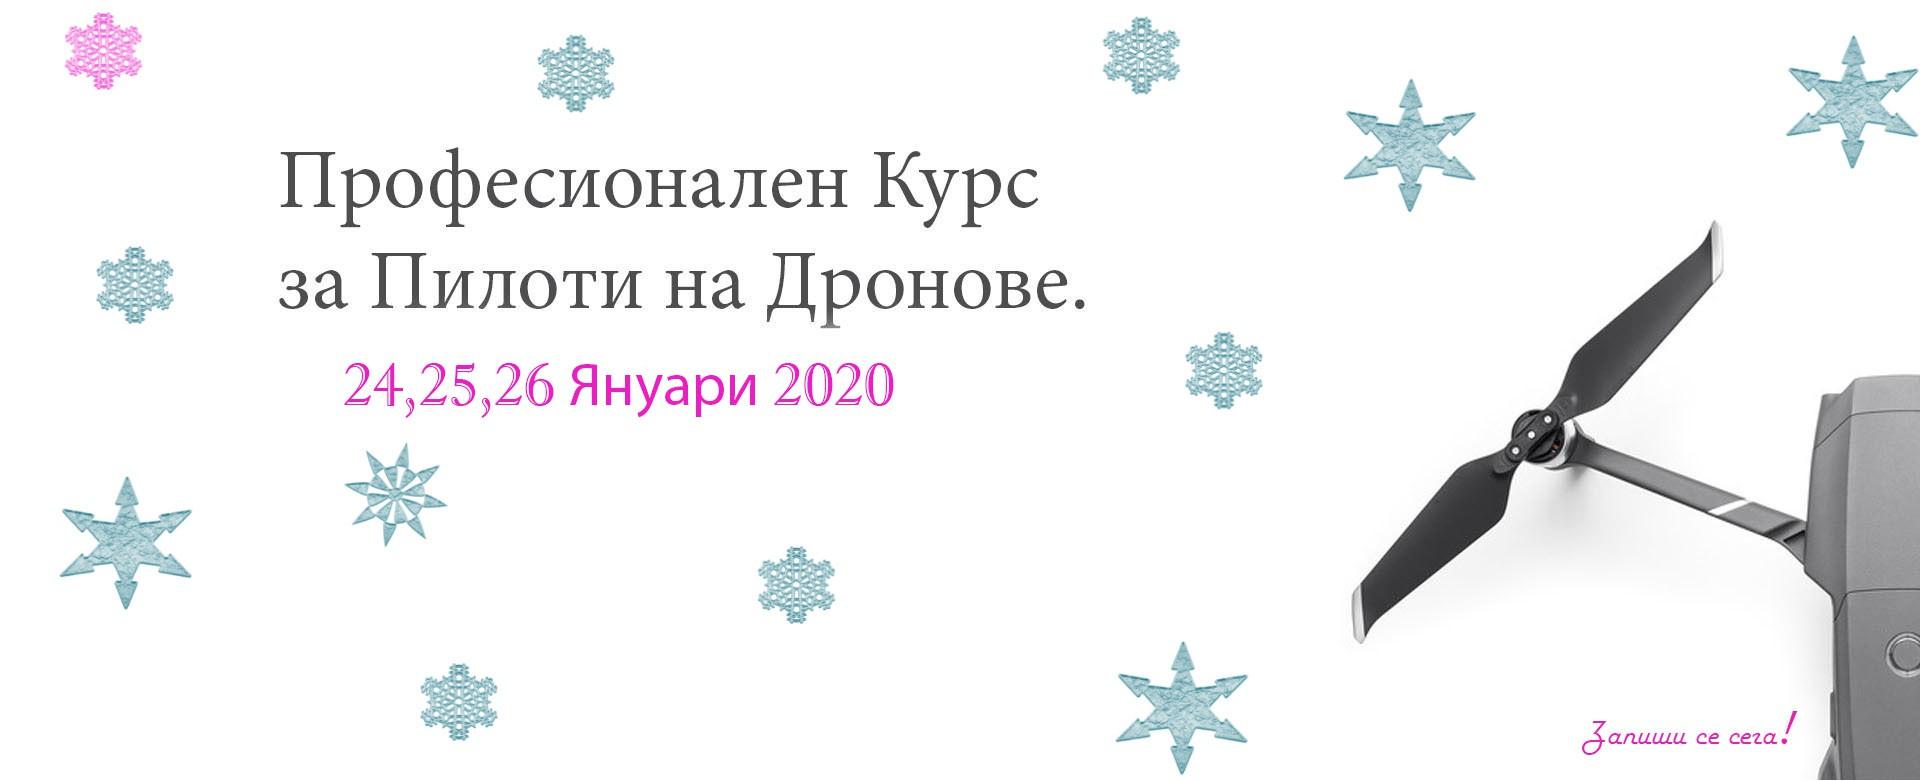 Професионални курсове за пилоти на дронове от AeroCam.bg